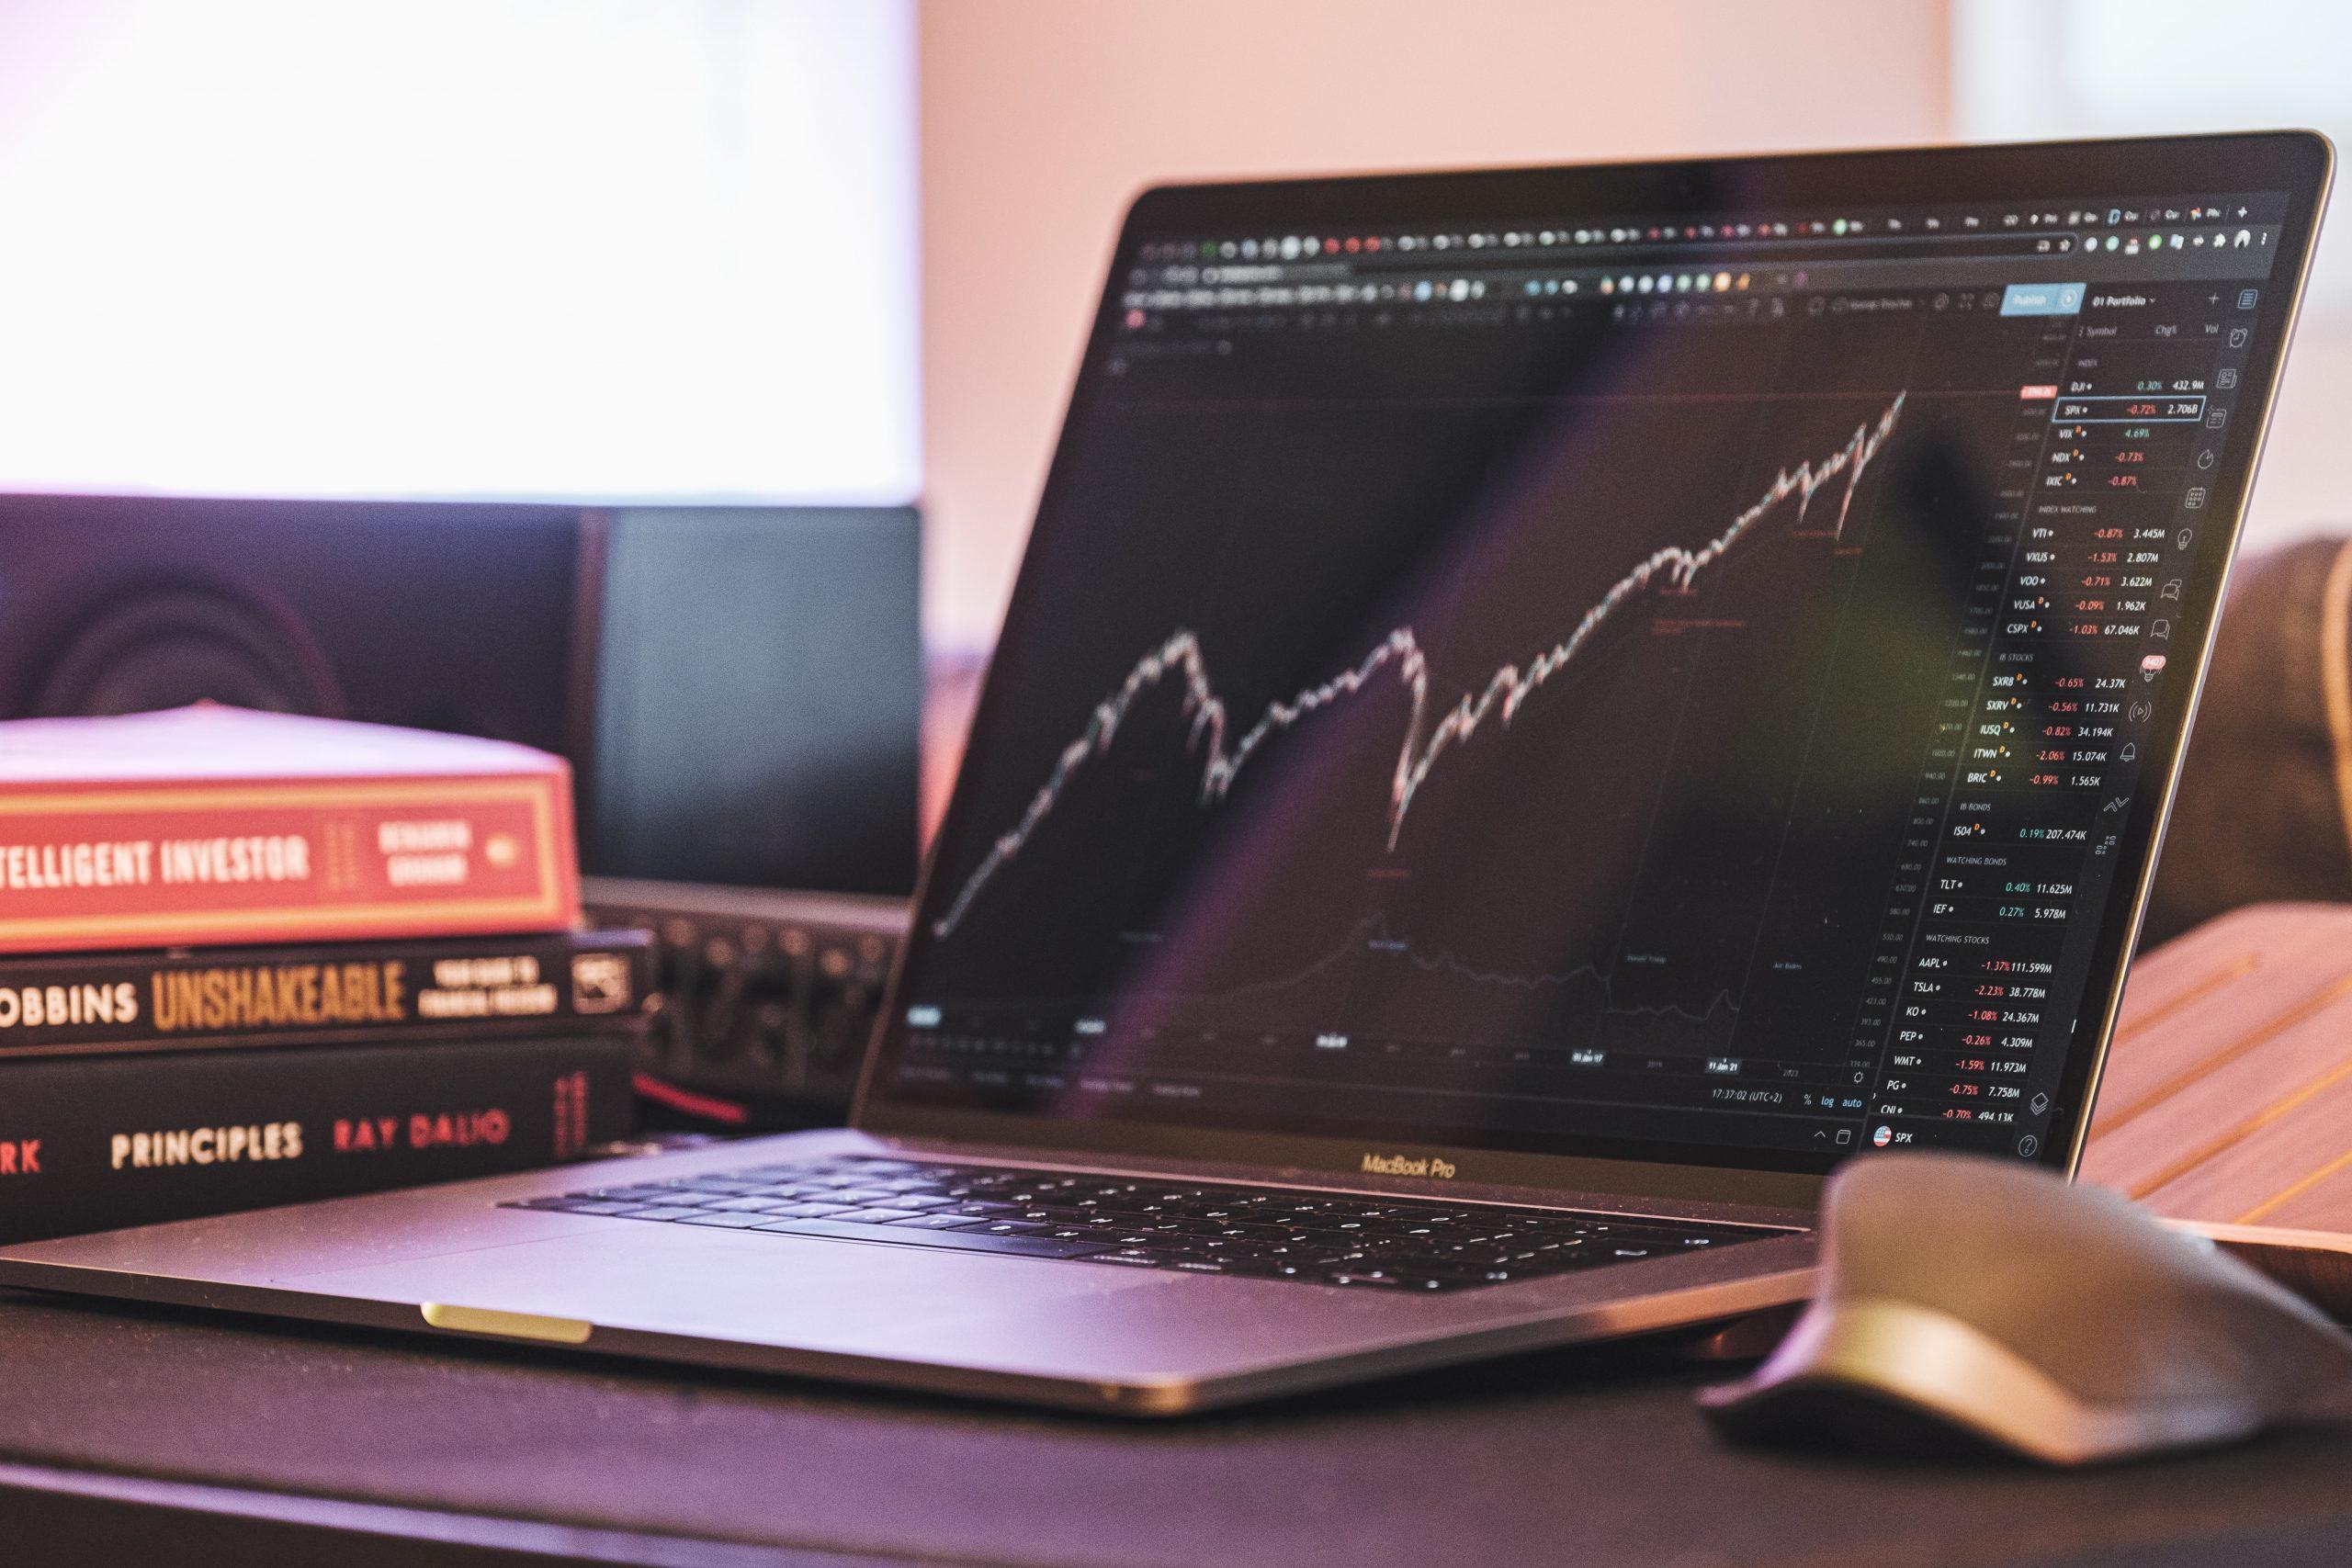 Купить прямо сейчас: тройка лучших дивидендных акций